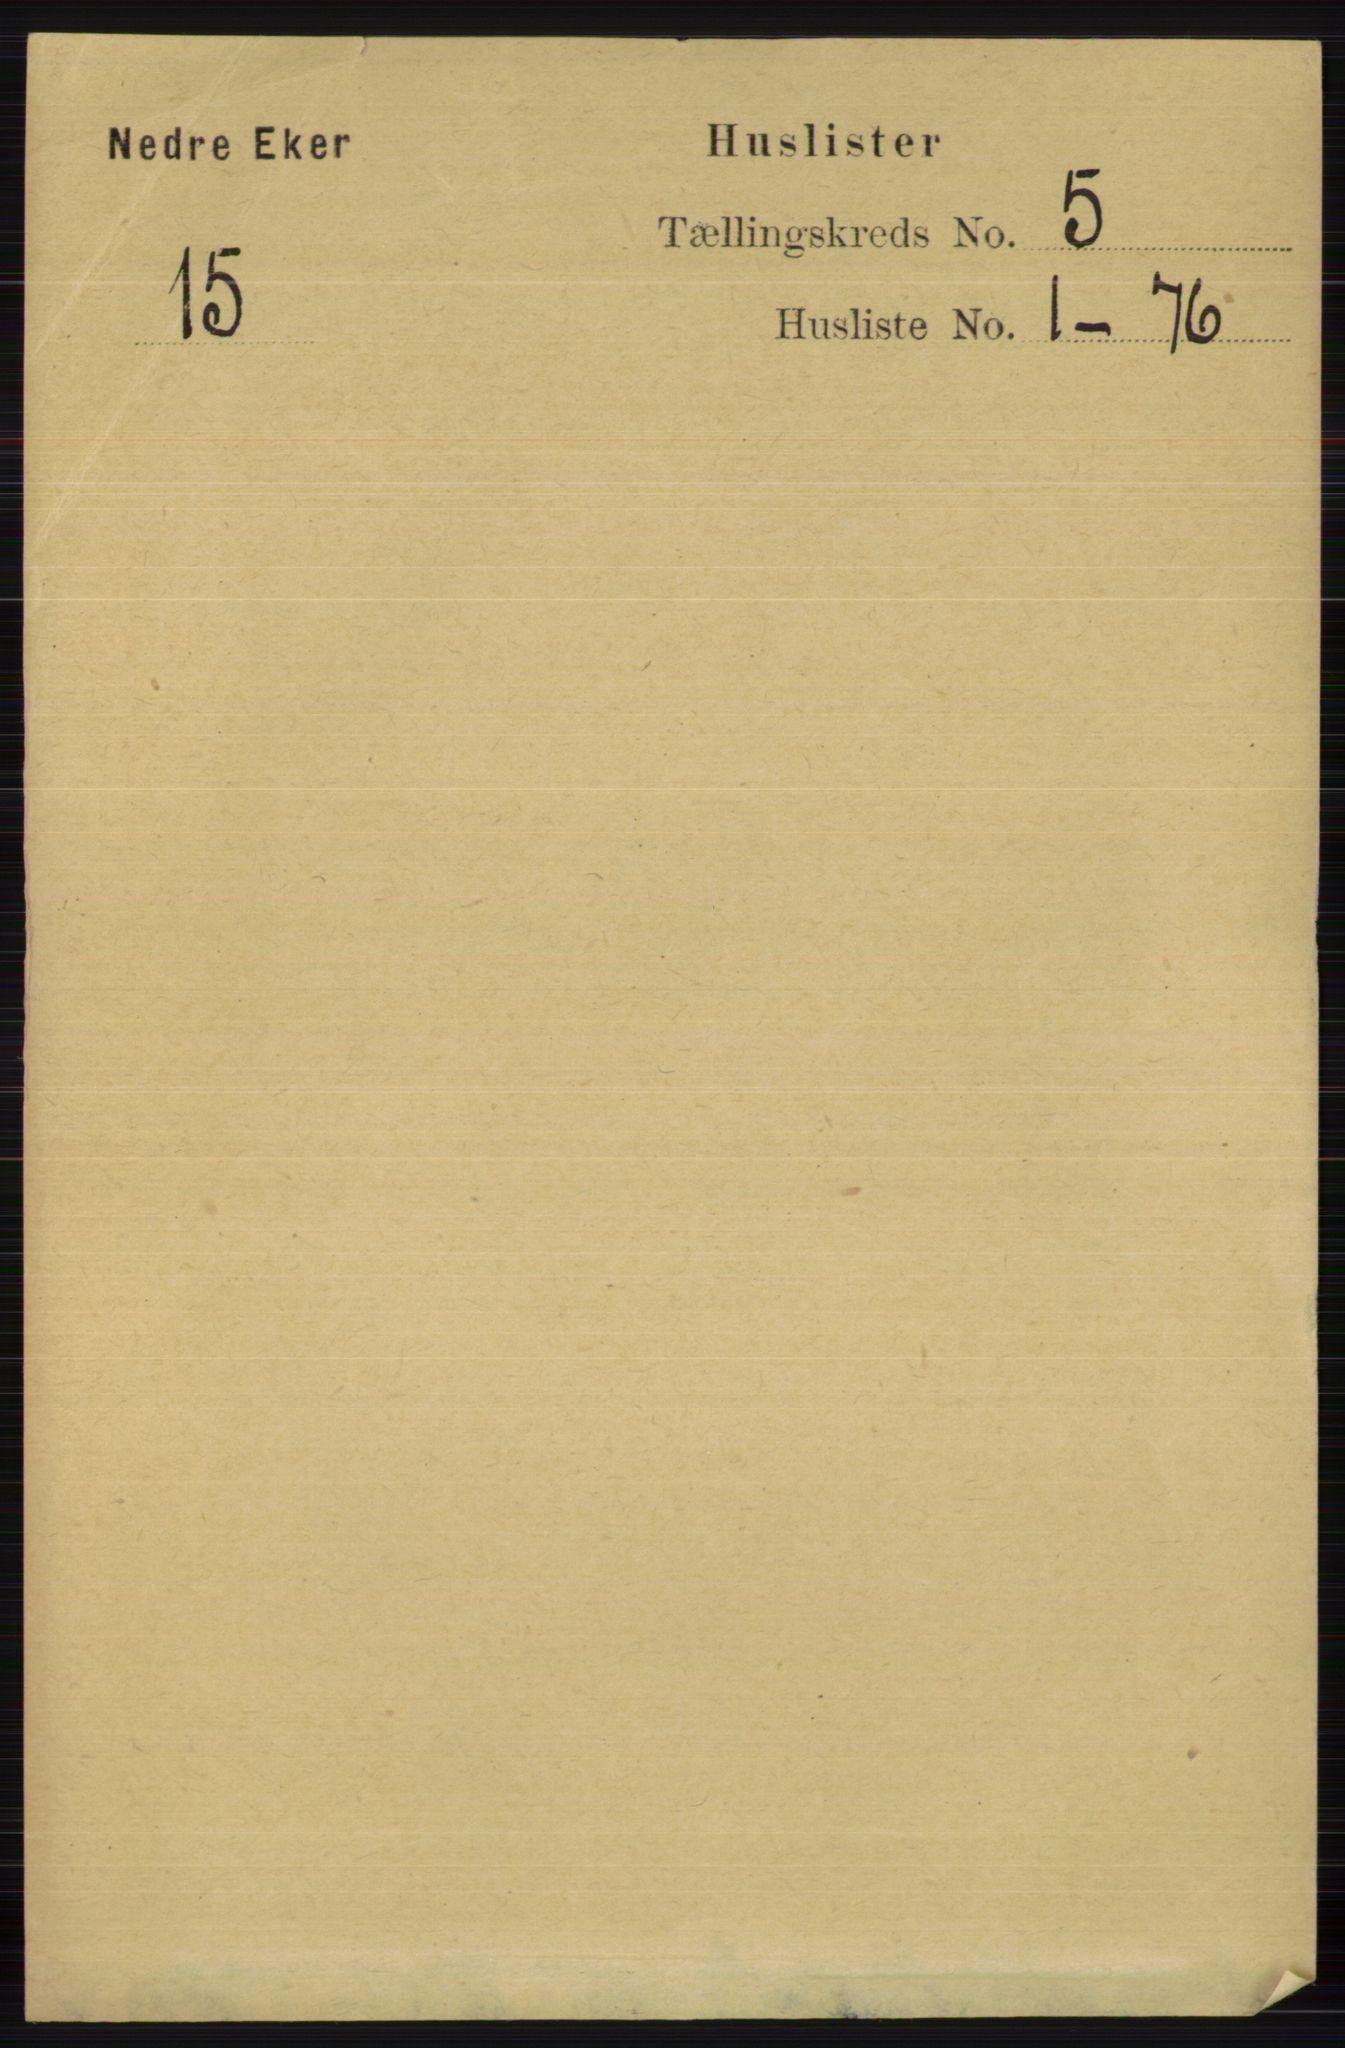 RA, Folketelling 1891 for 0625 Nedre Eiker herred, 1891, s. 2254